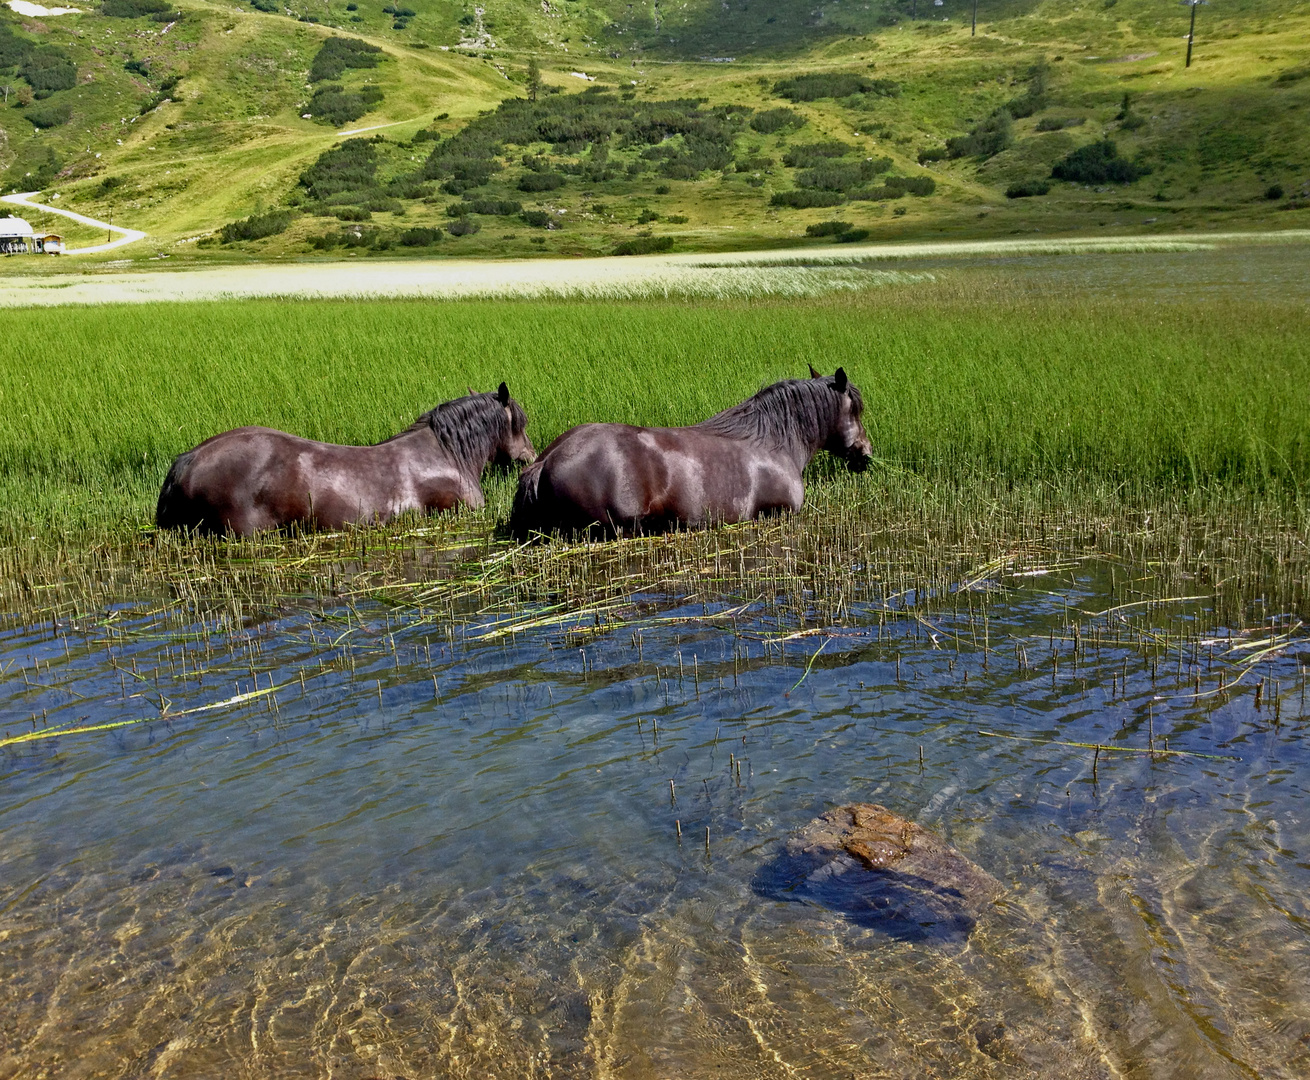 Alpen -Nilpferde beim Grasen